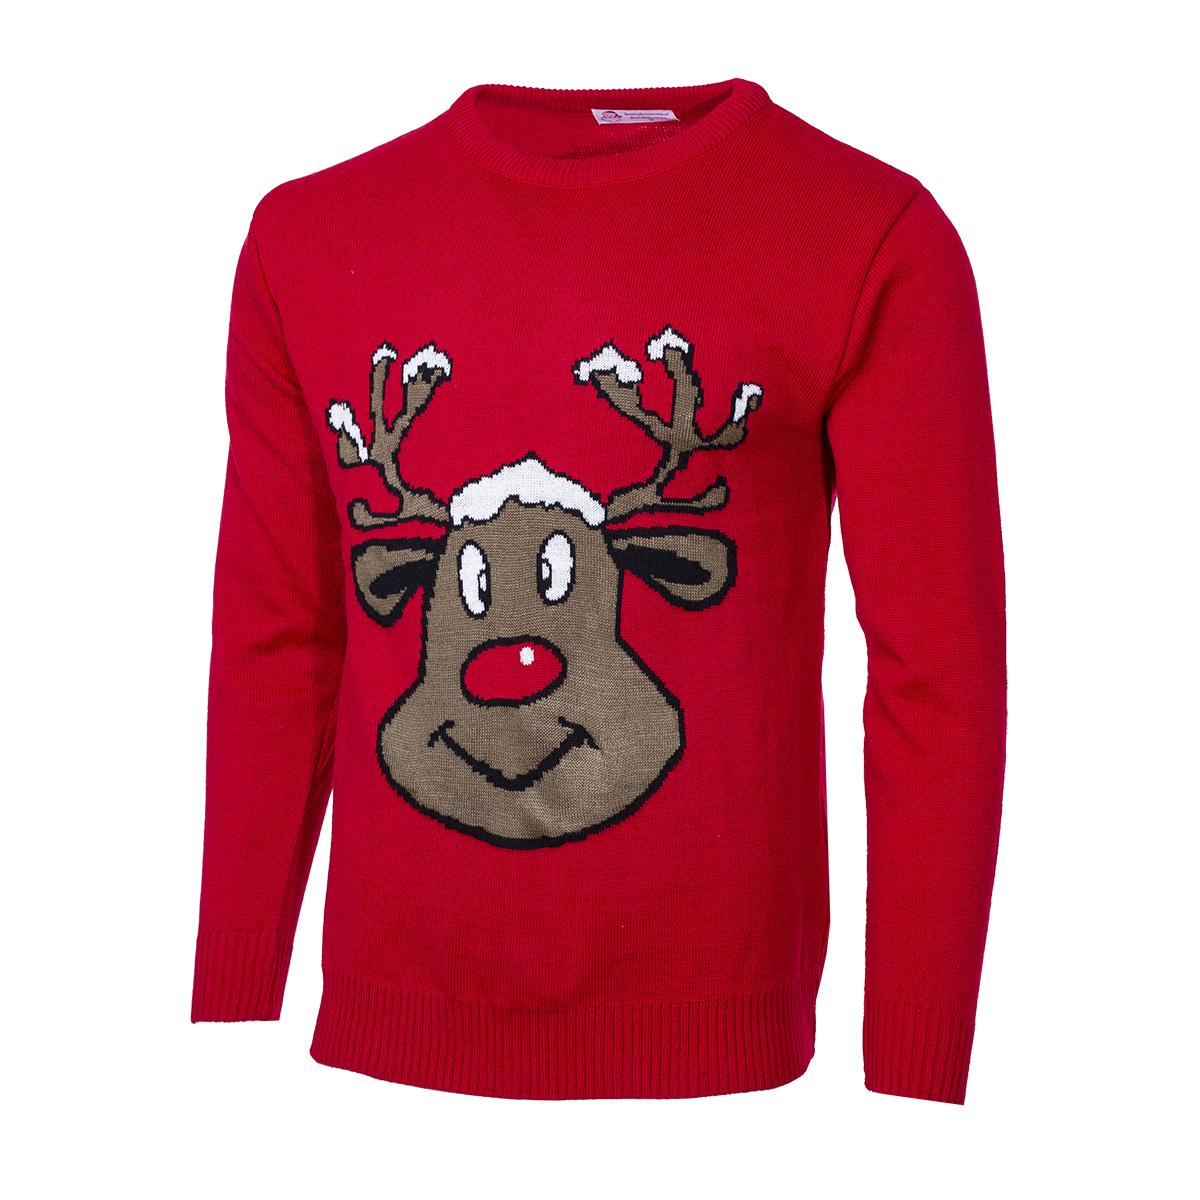 Pánský svetr se sobem Reindeer červený S